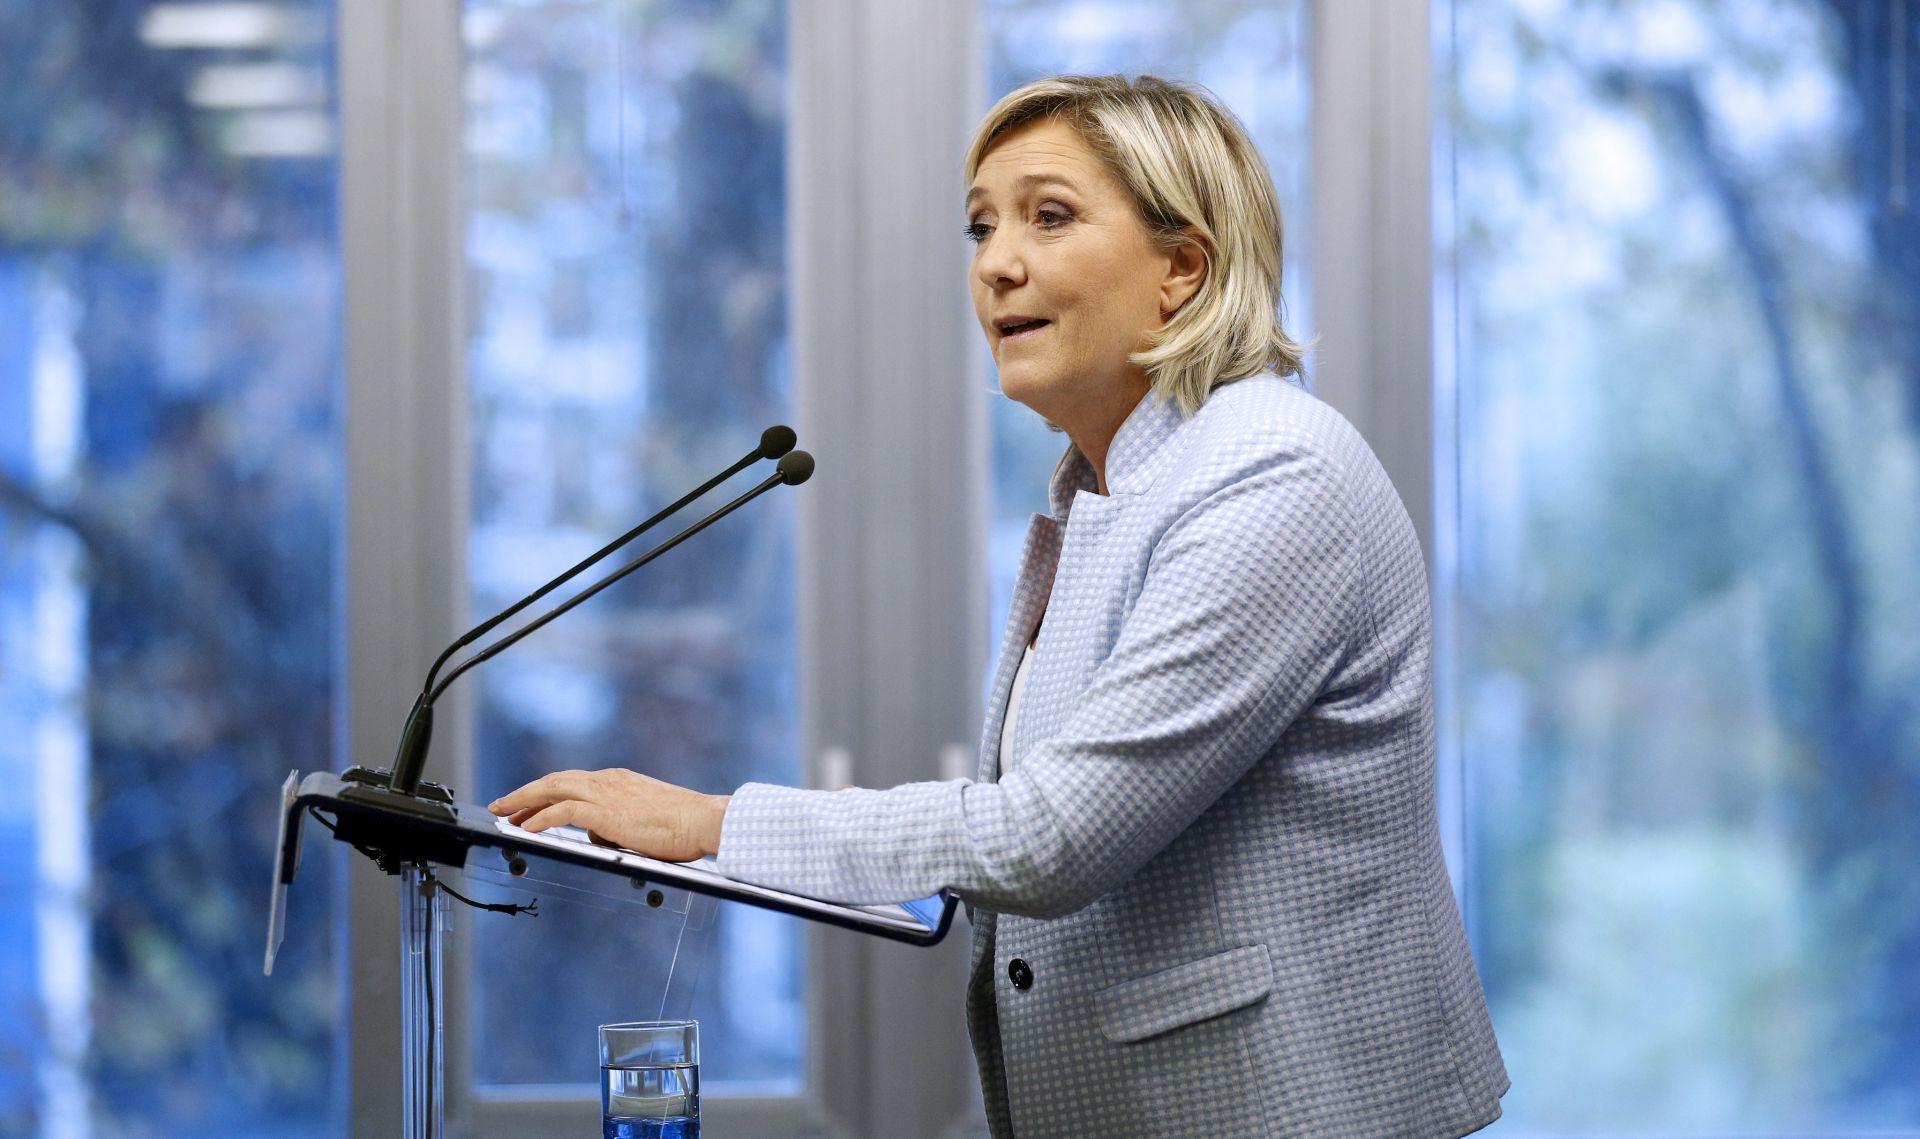 TERORIZAM U EUROPI: Le Pen traži ukidanje slobode kretanja u EU